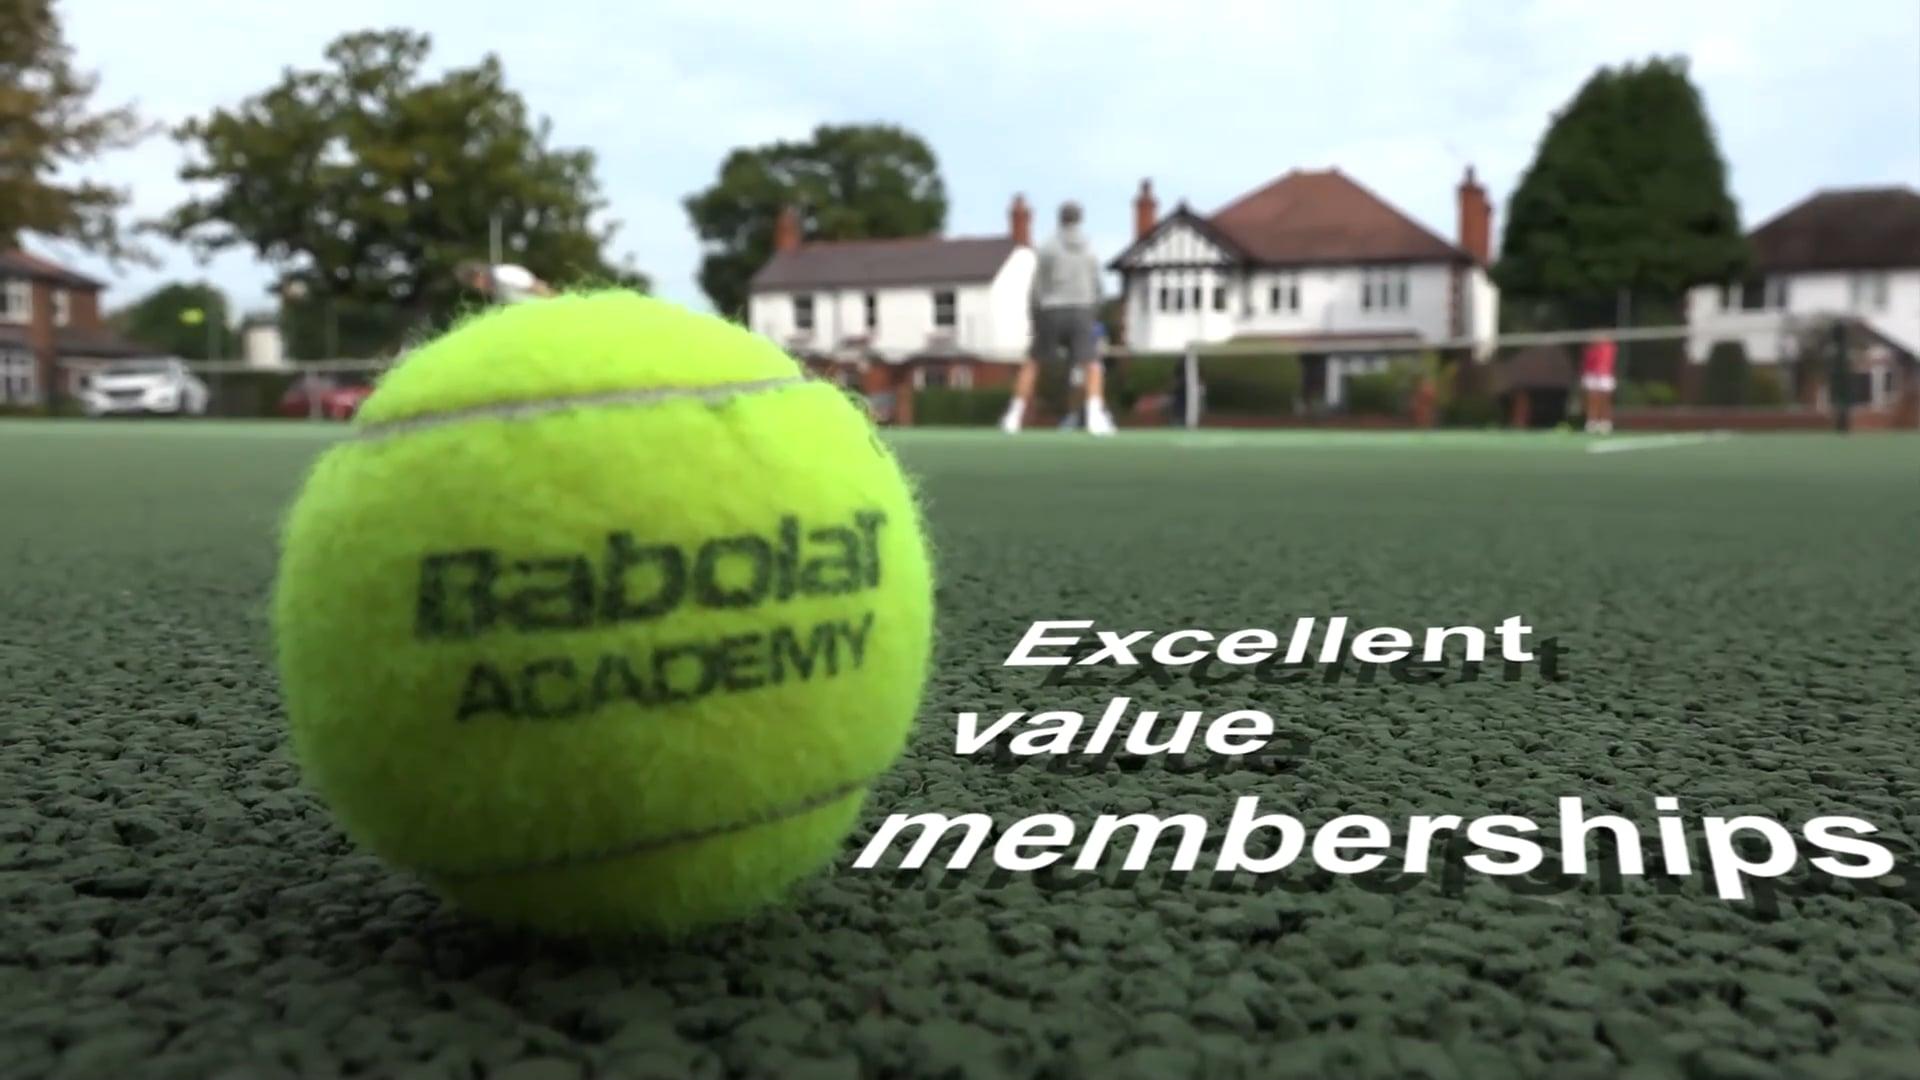 Pen-y-ffordd Tennis Club